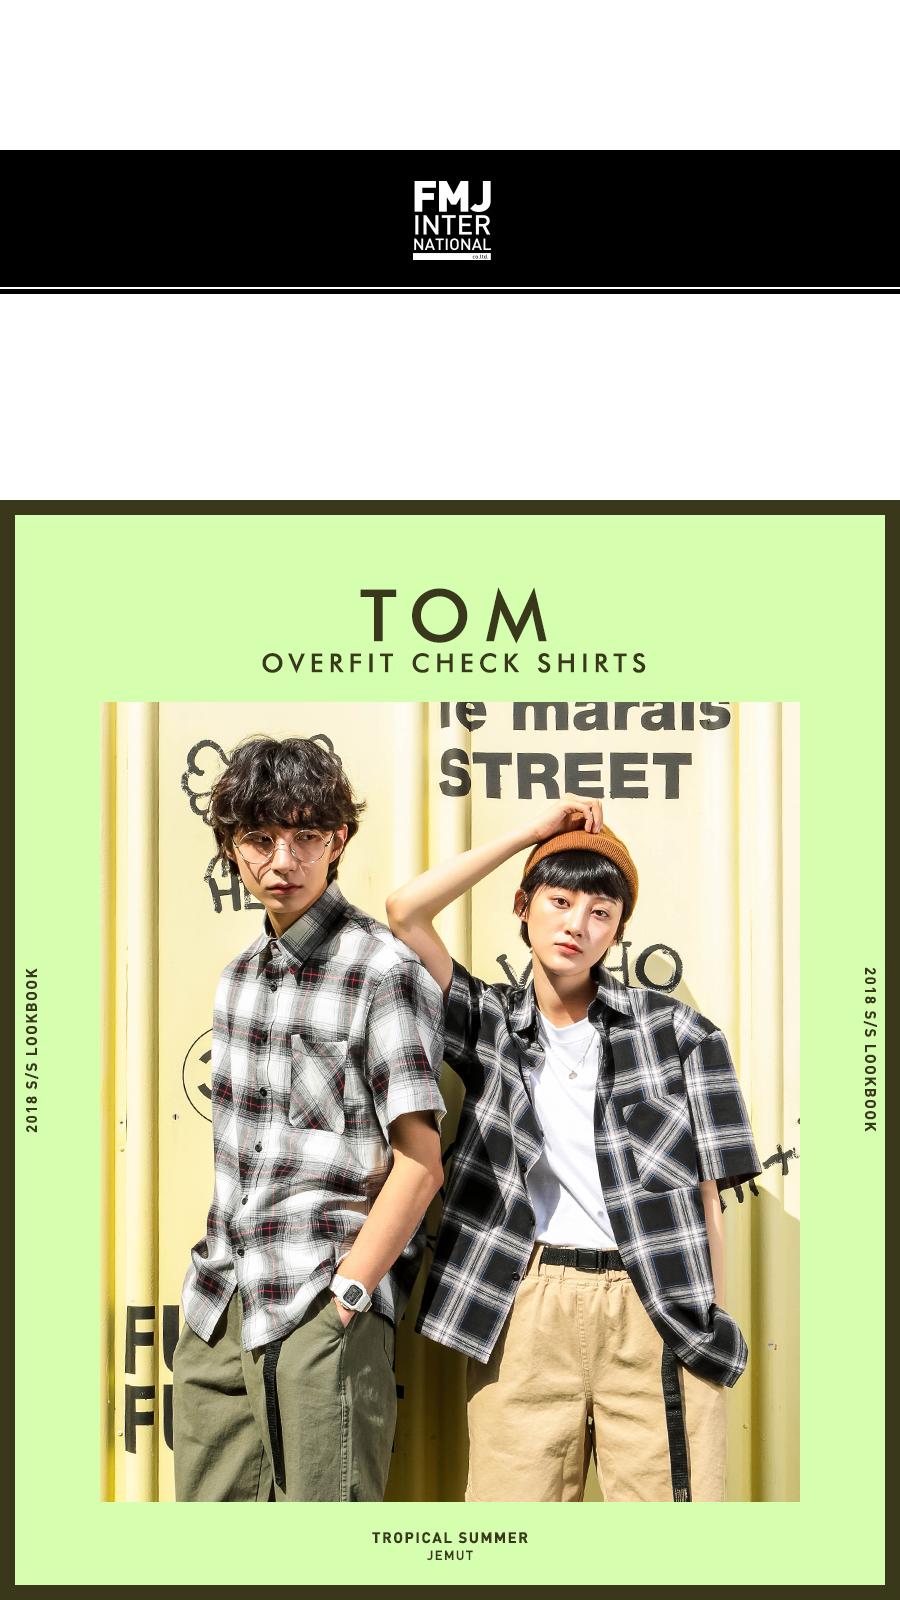 20180515_tom_overfit_check_model_kj_01.jpg